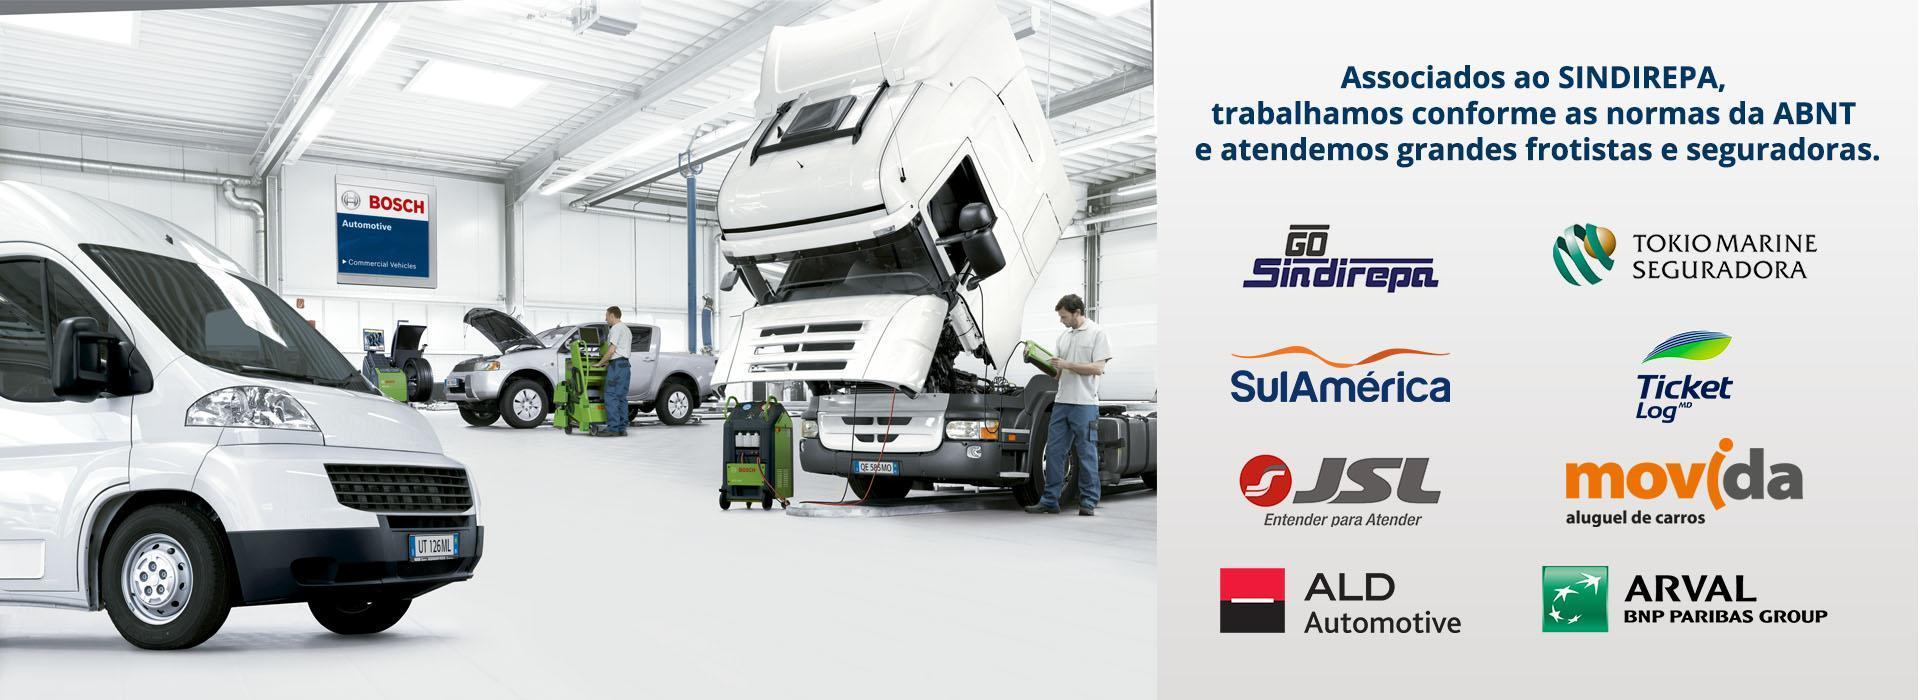 Associados ao SINDIREPA, trabalhamos conforme as normas da ABNT e atendemos grandes frotistas e seguradoras.